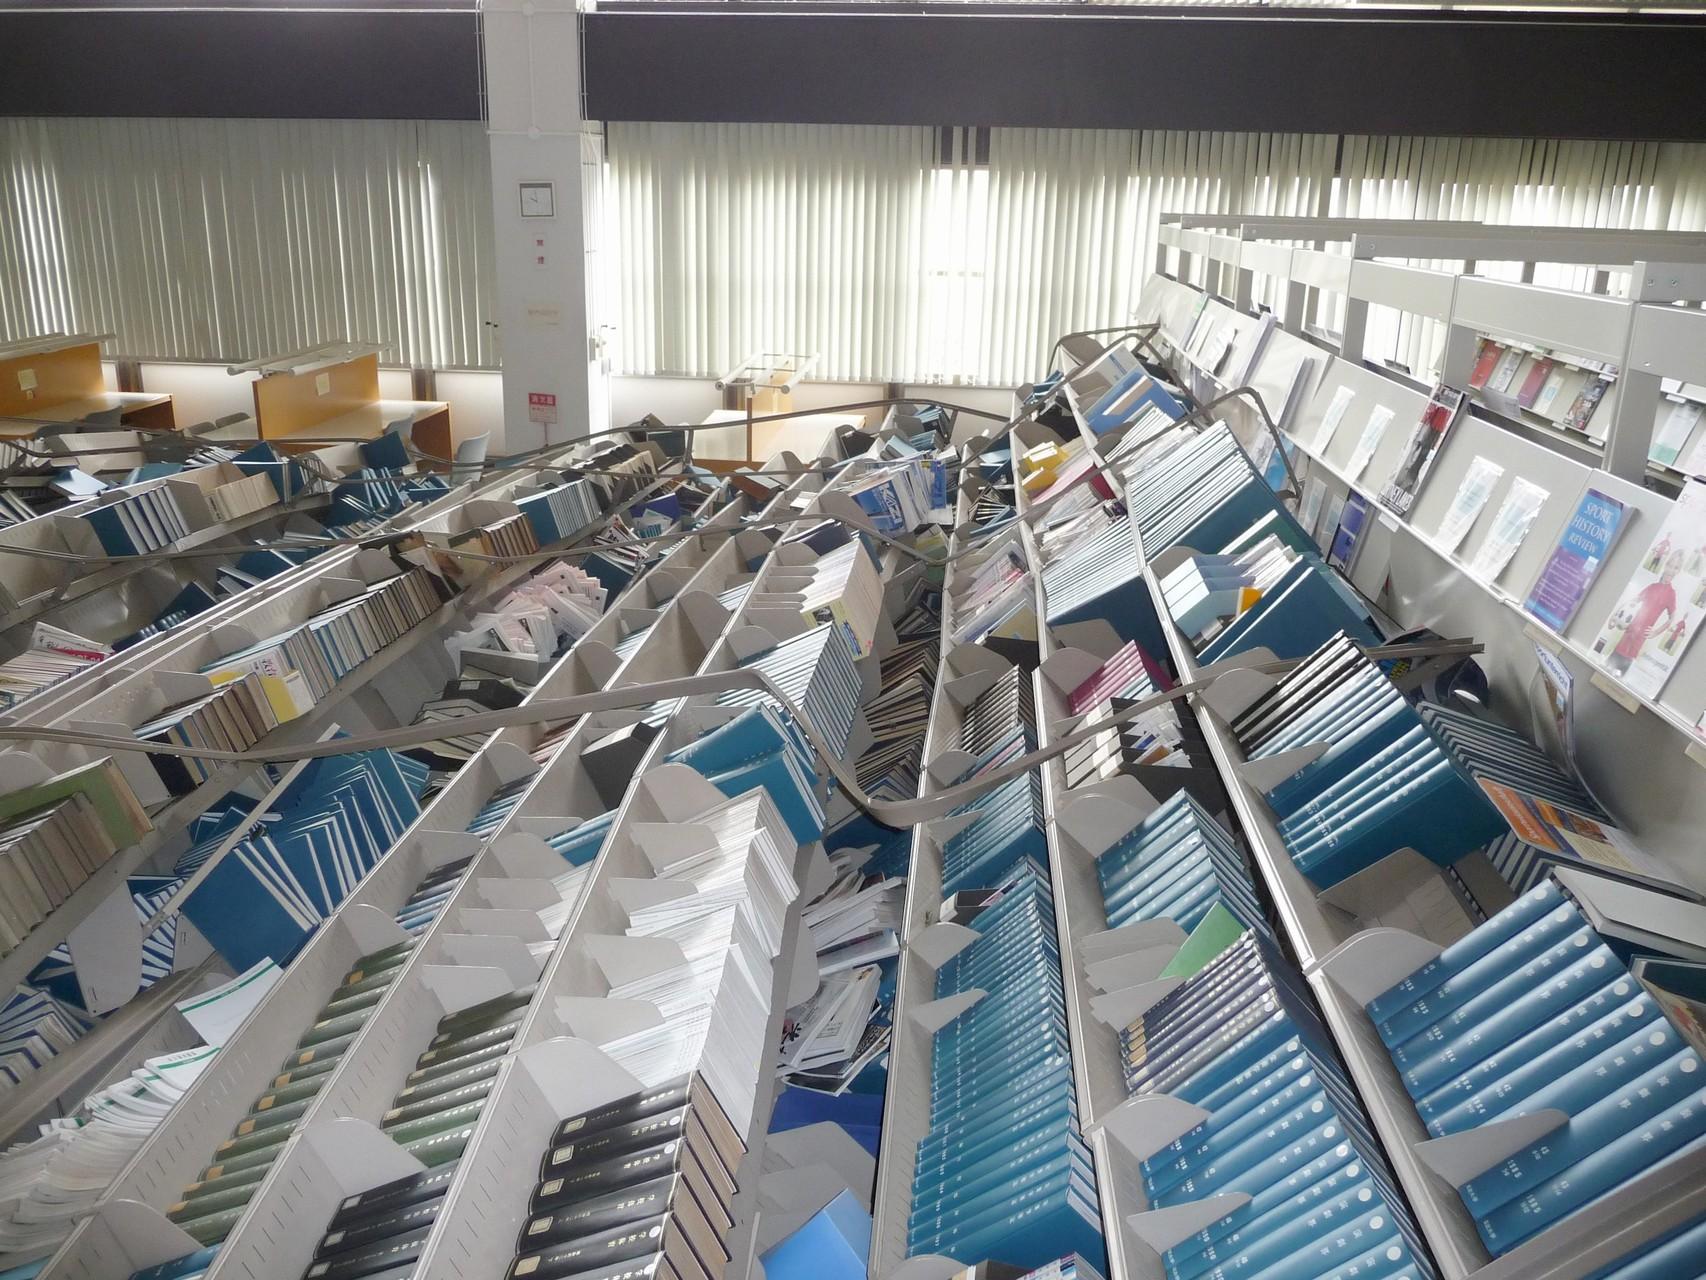 東日本大震災時の図書館の被災状況